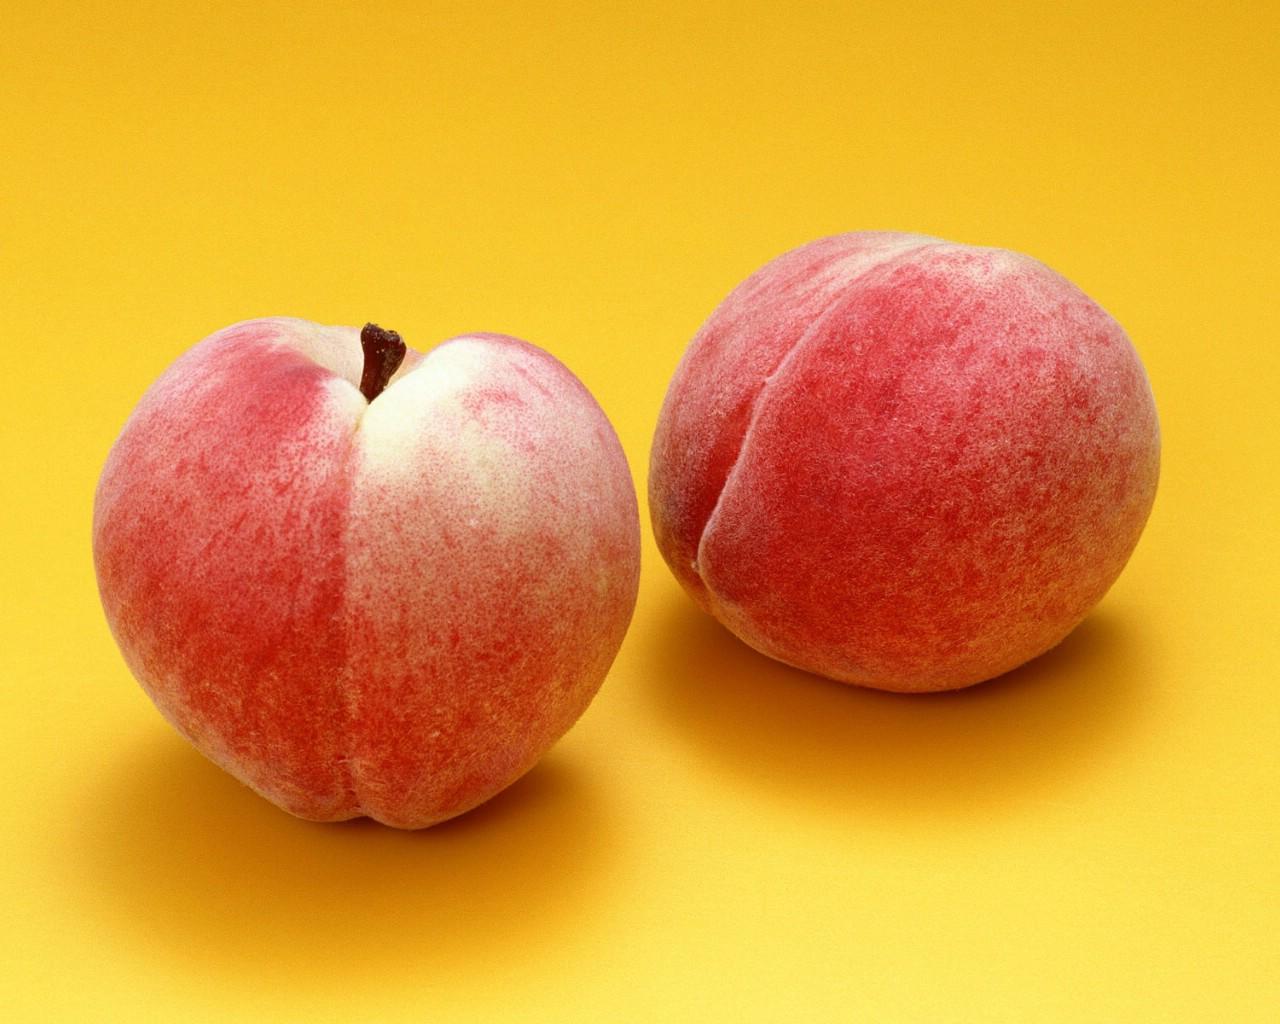 单个水果图片素材单个